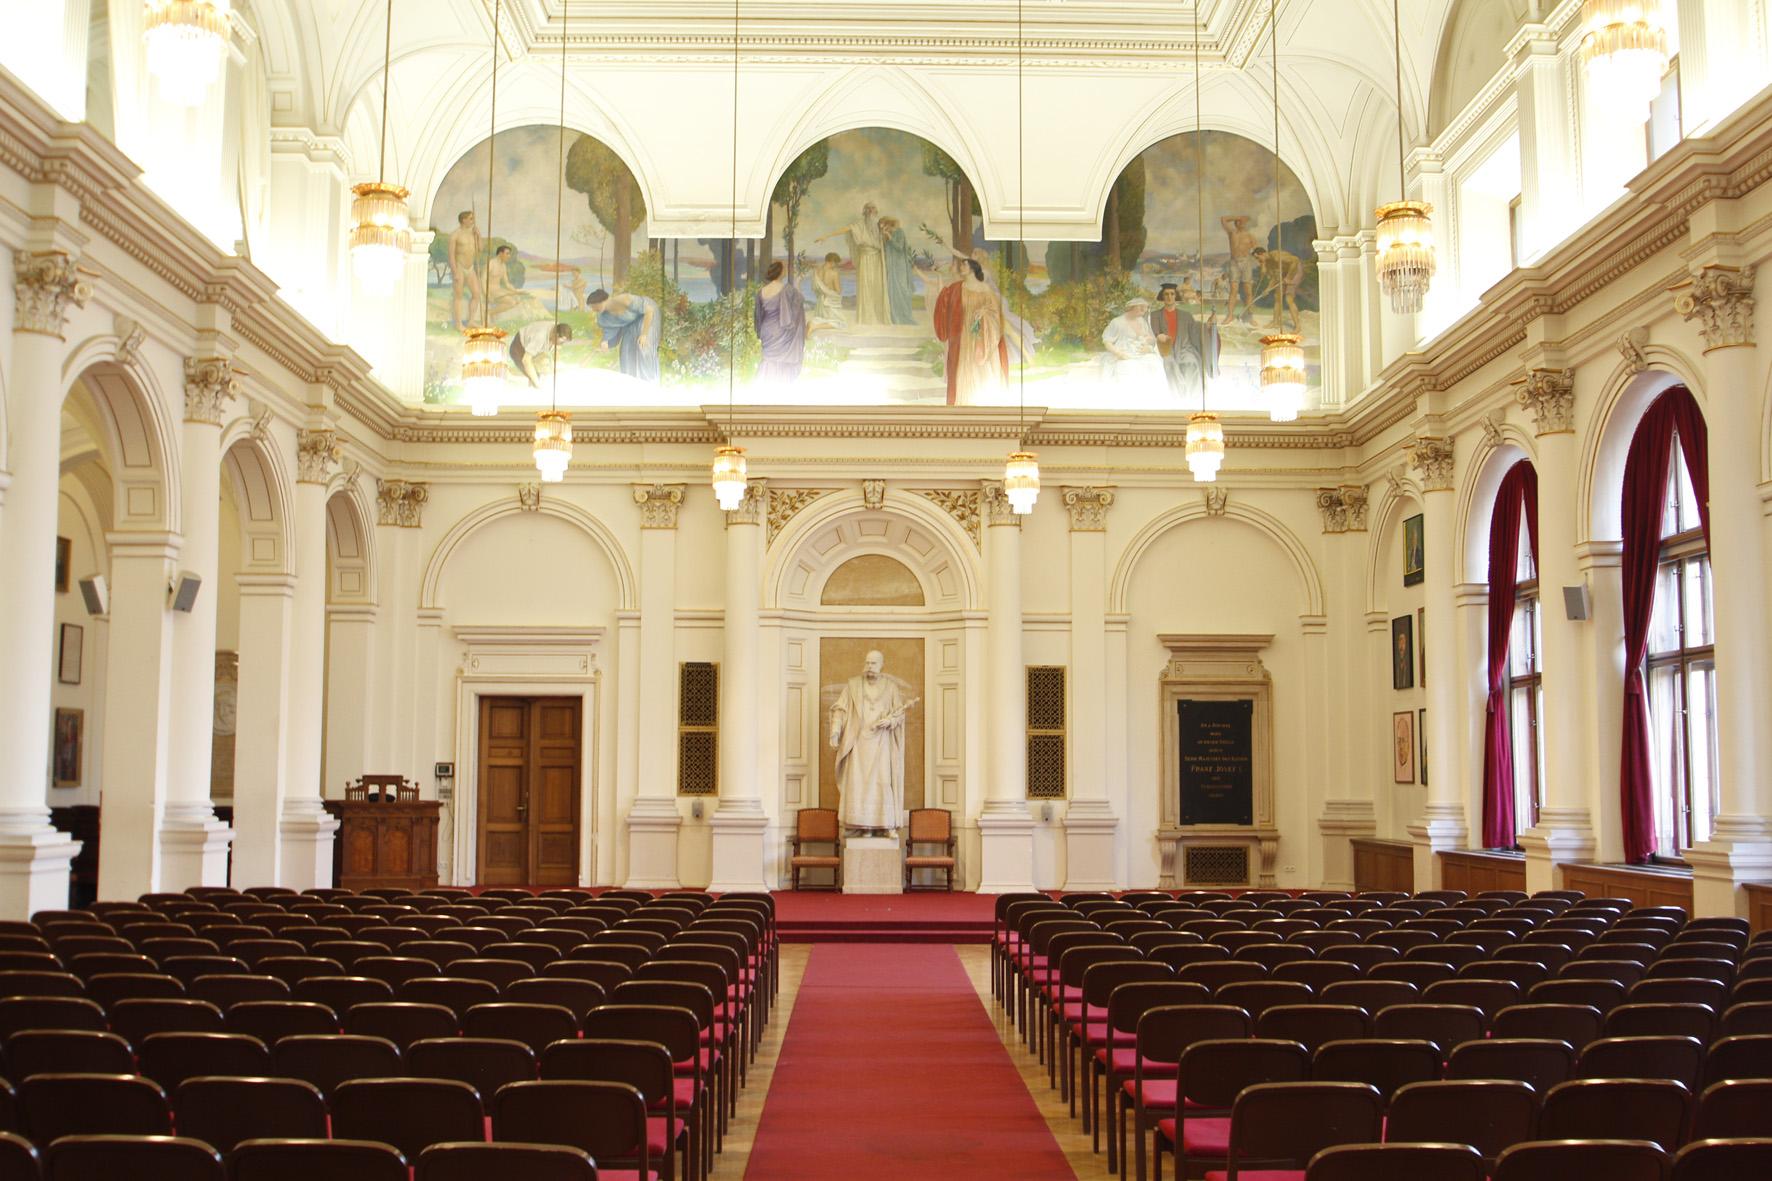 Aula der Karl Franzens Universität